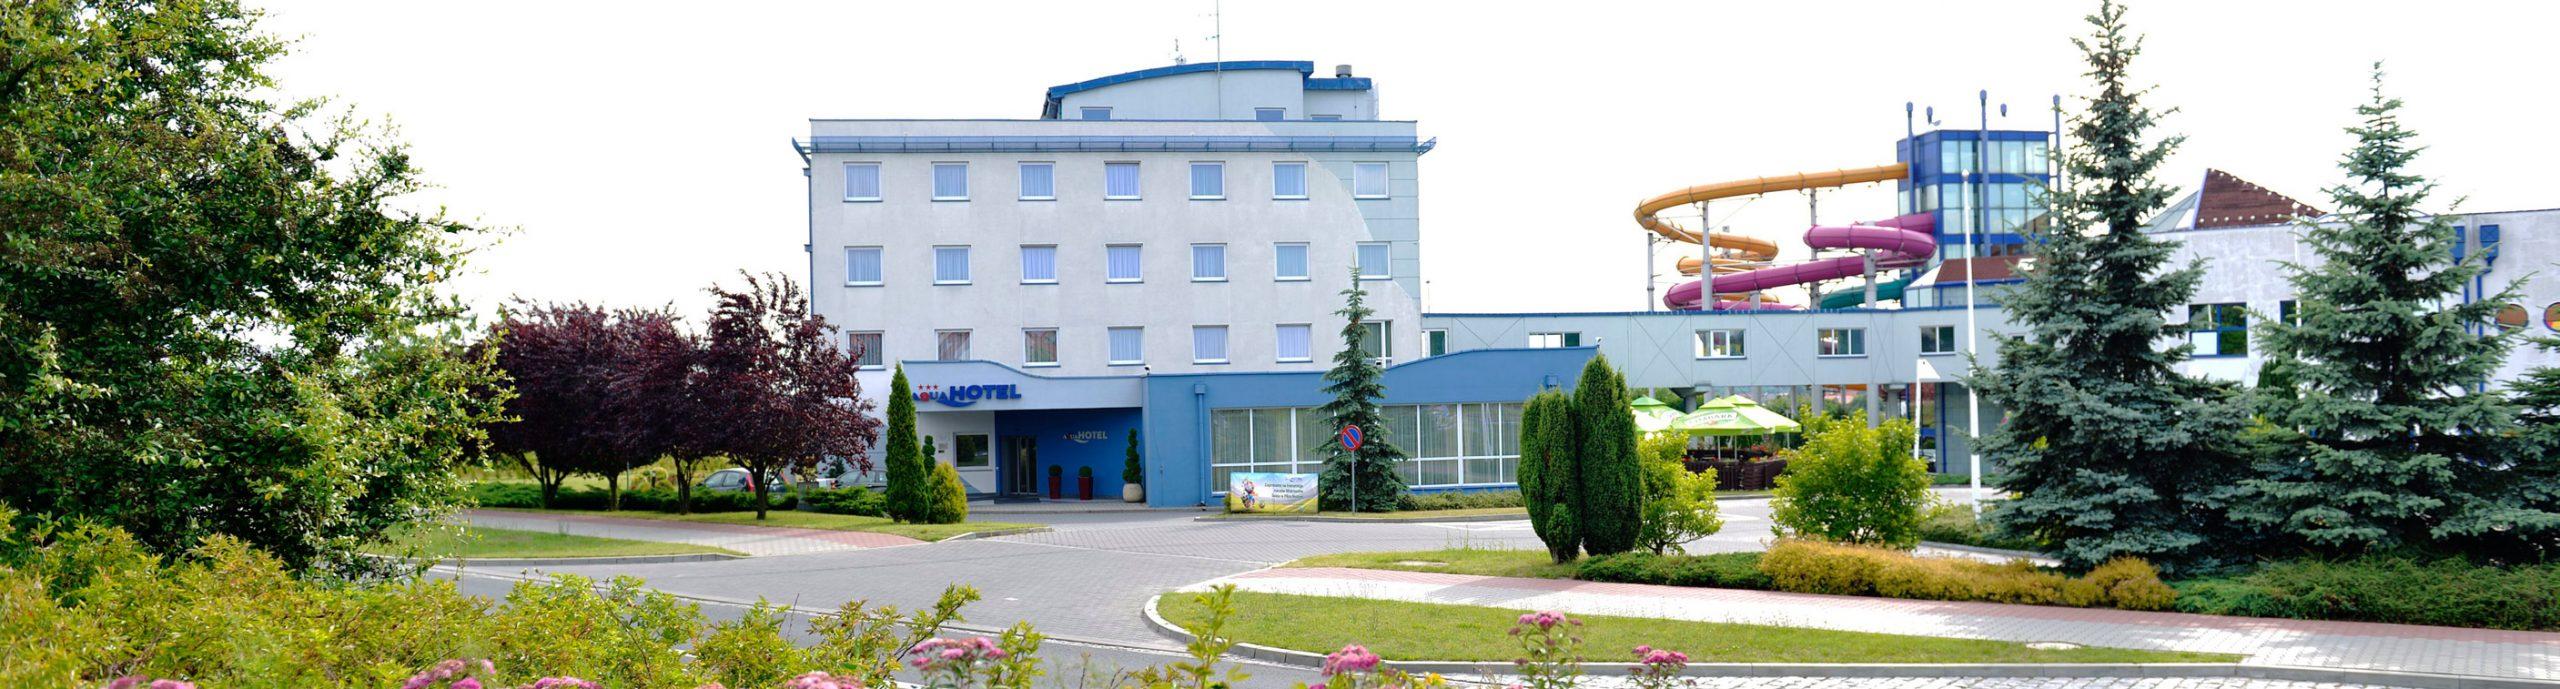 Aquahotel - budynek zzewnątrz